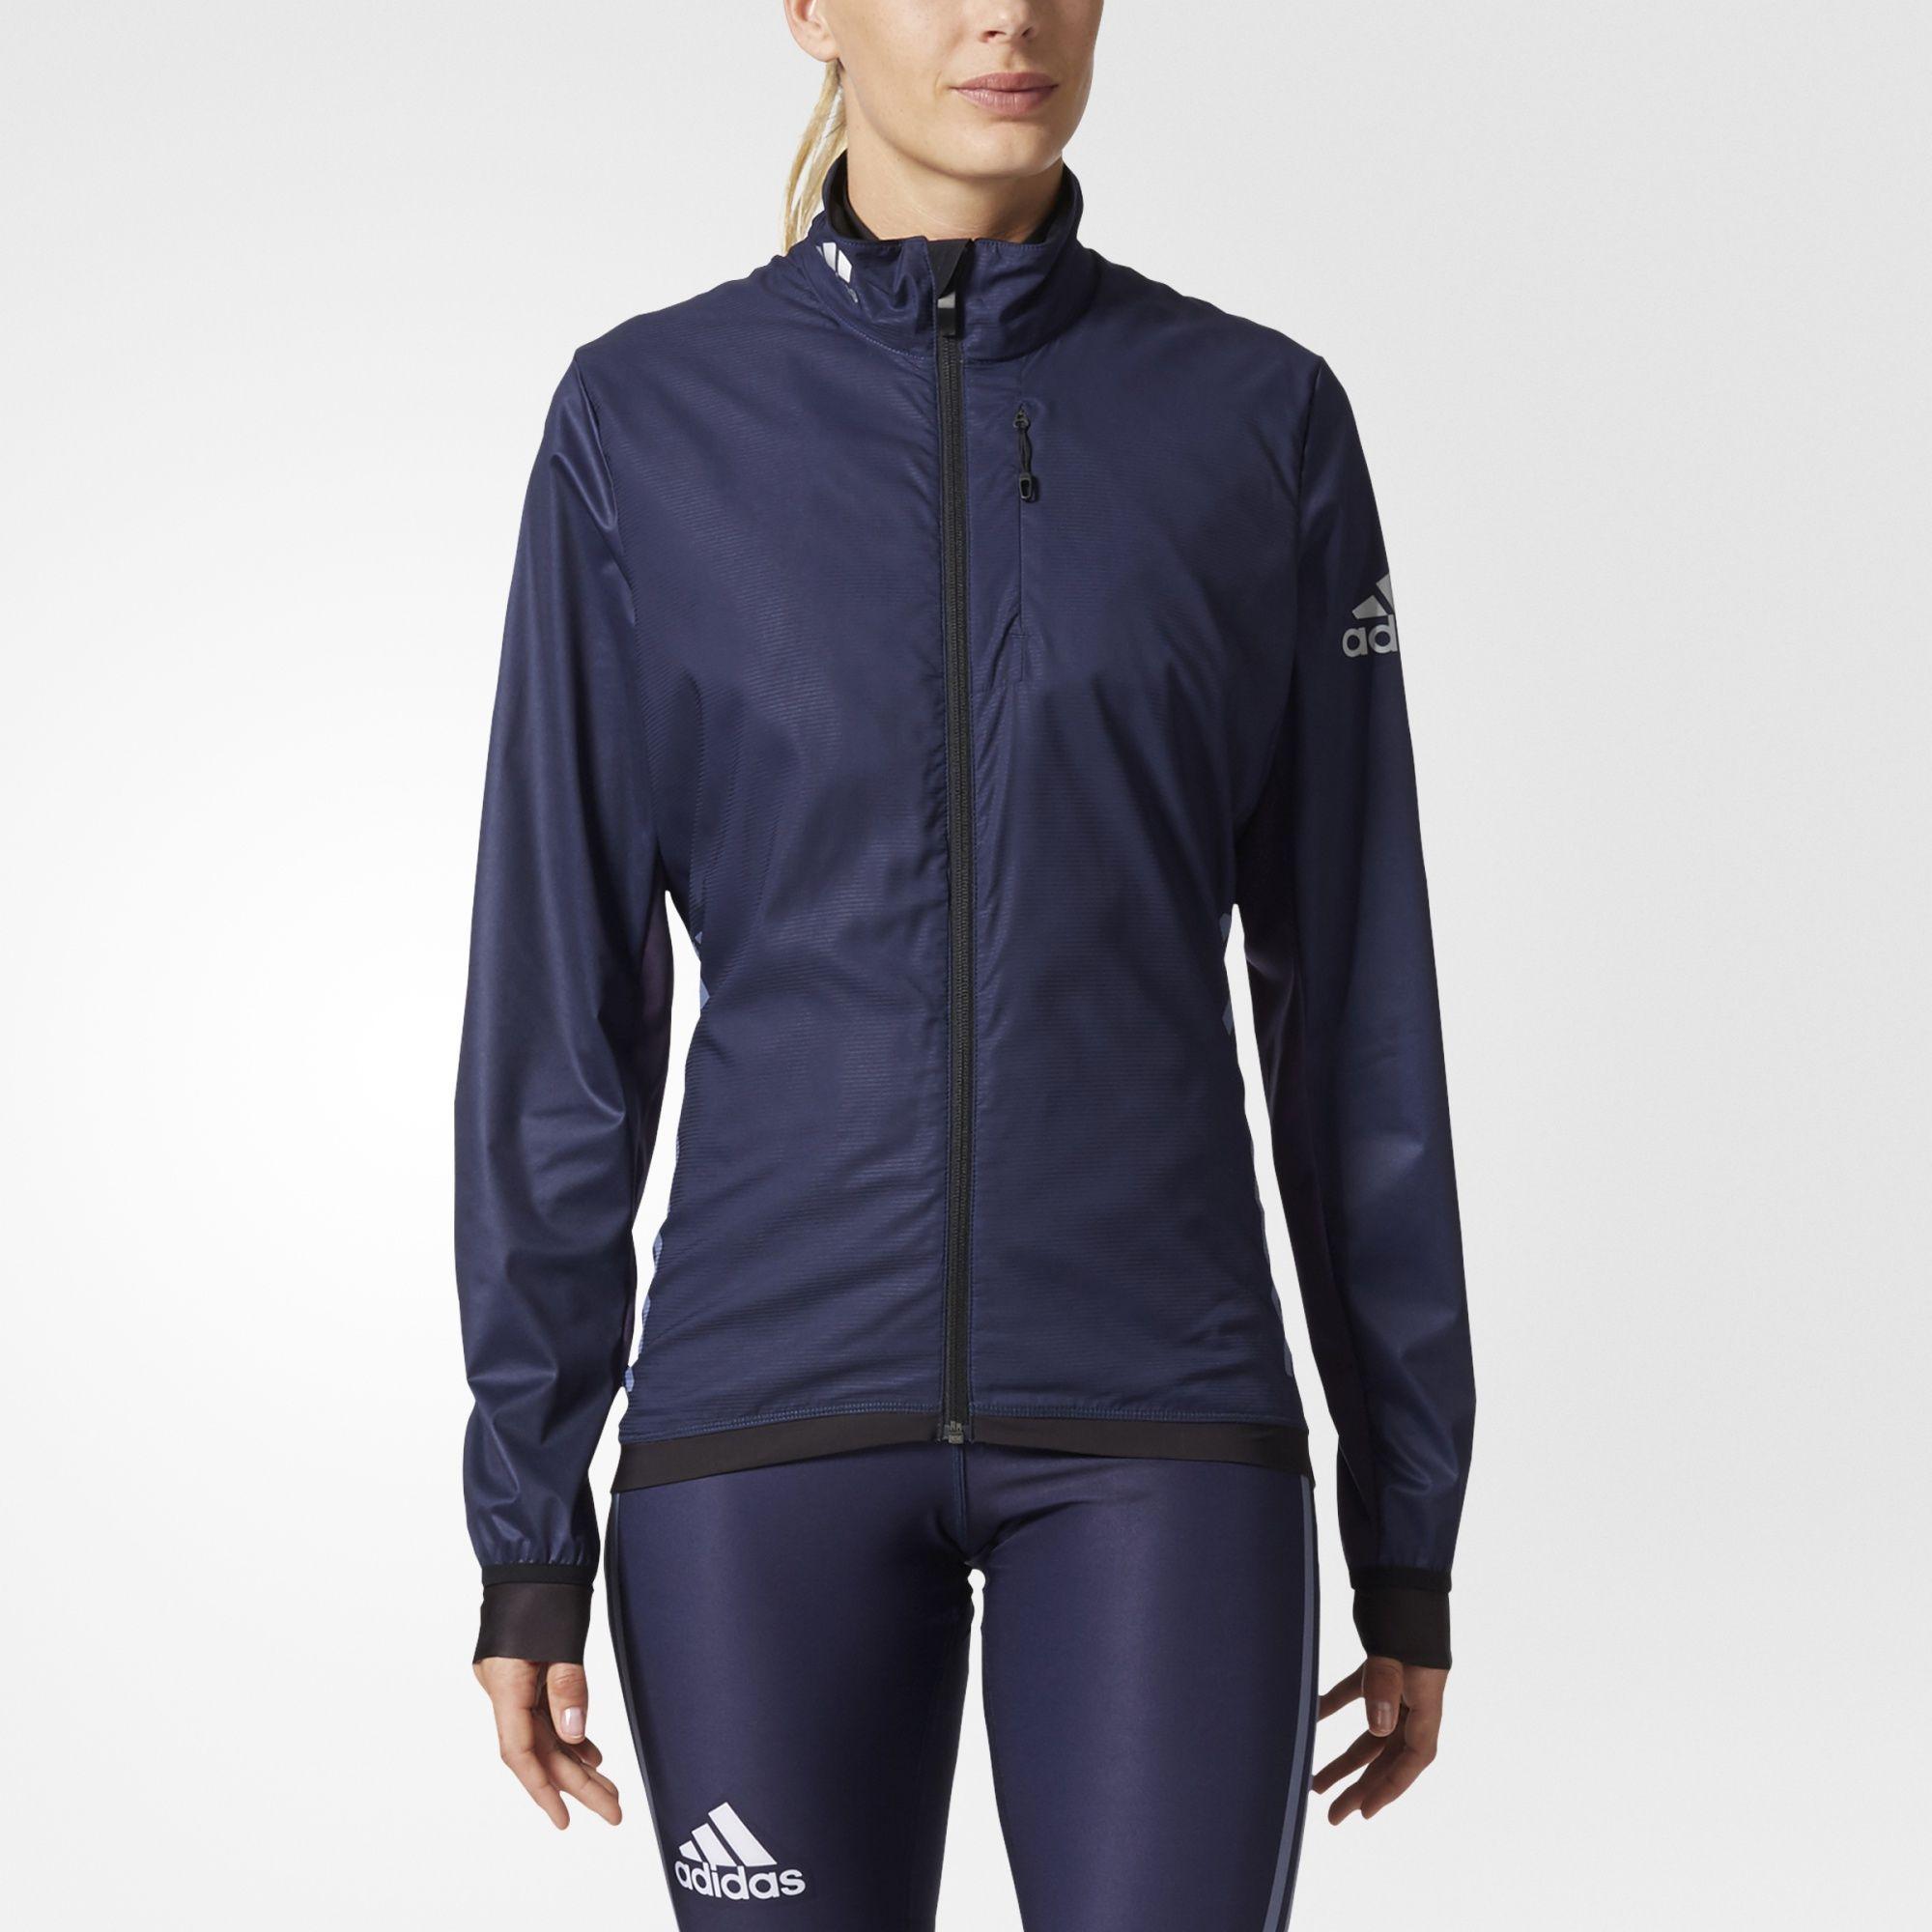 Куртка Climaheat Athlete adidas Performance   Женская одежда ... c863c1d45f9